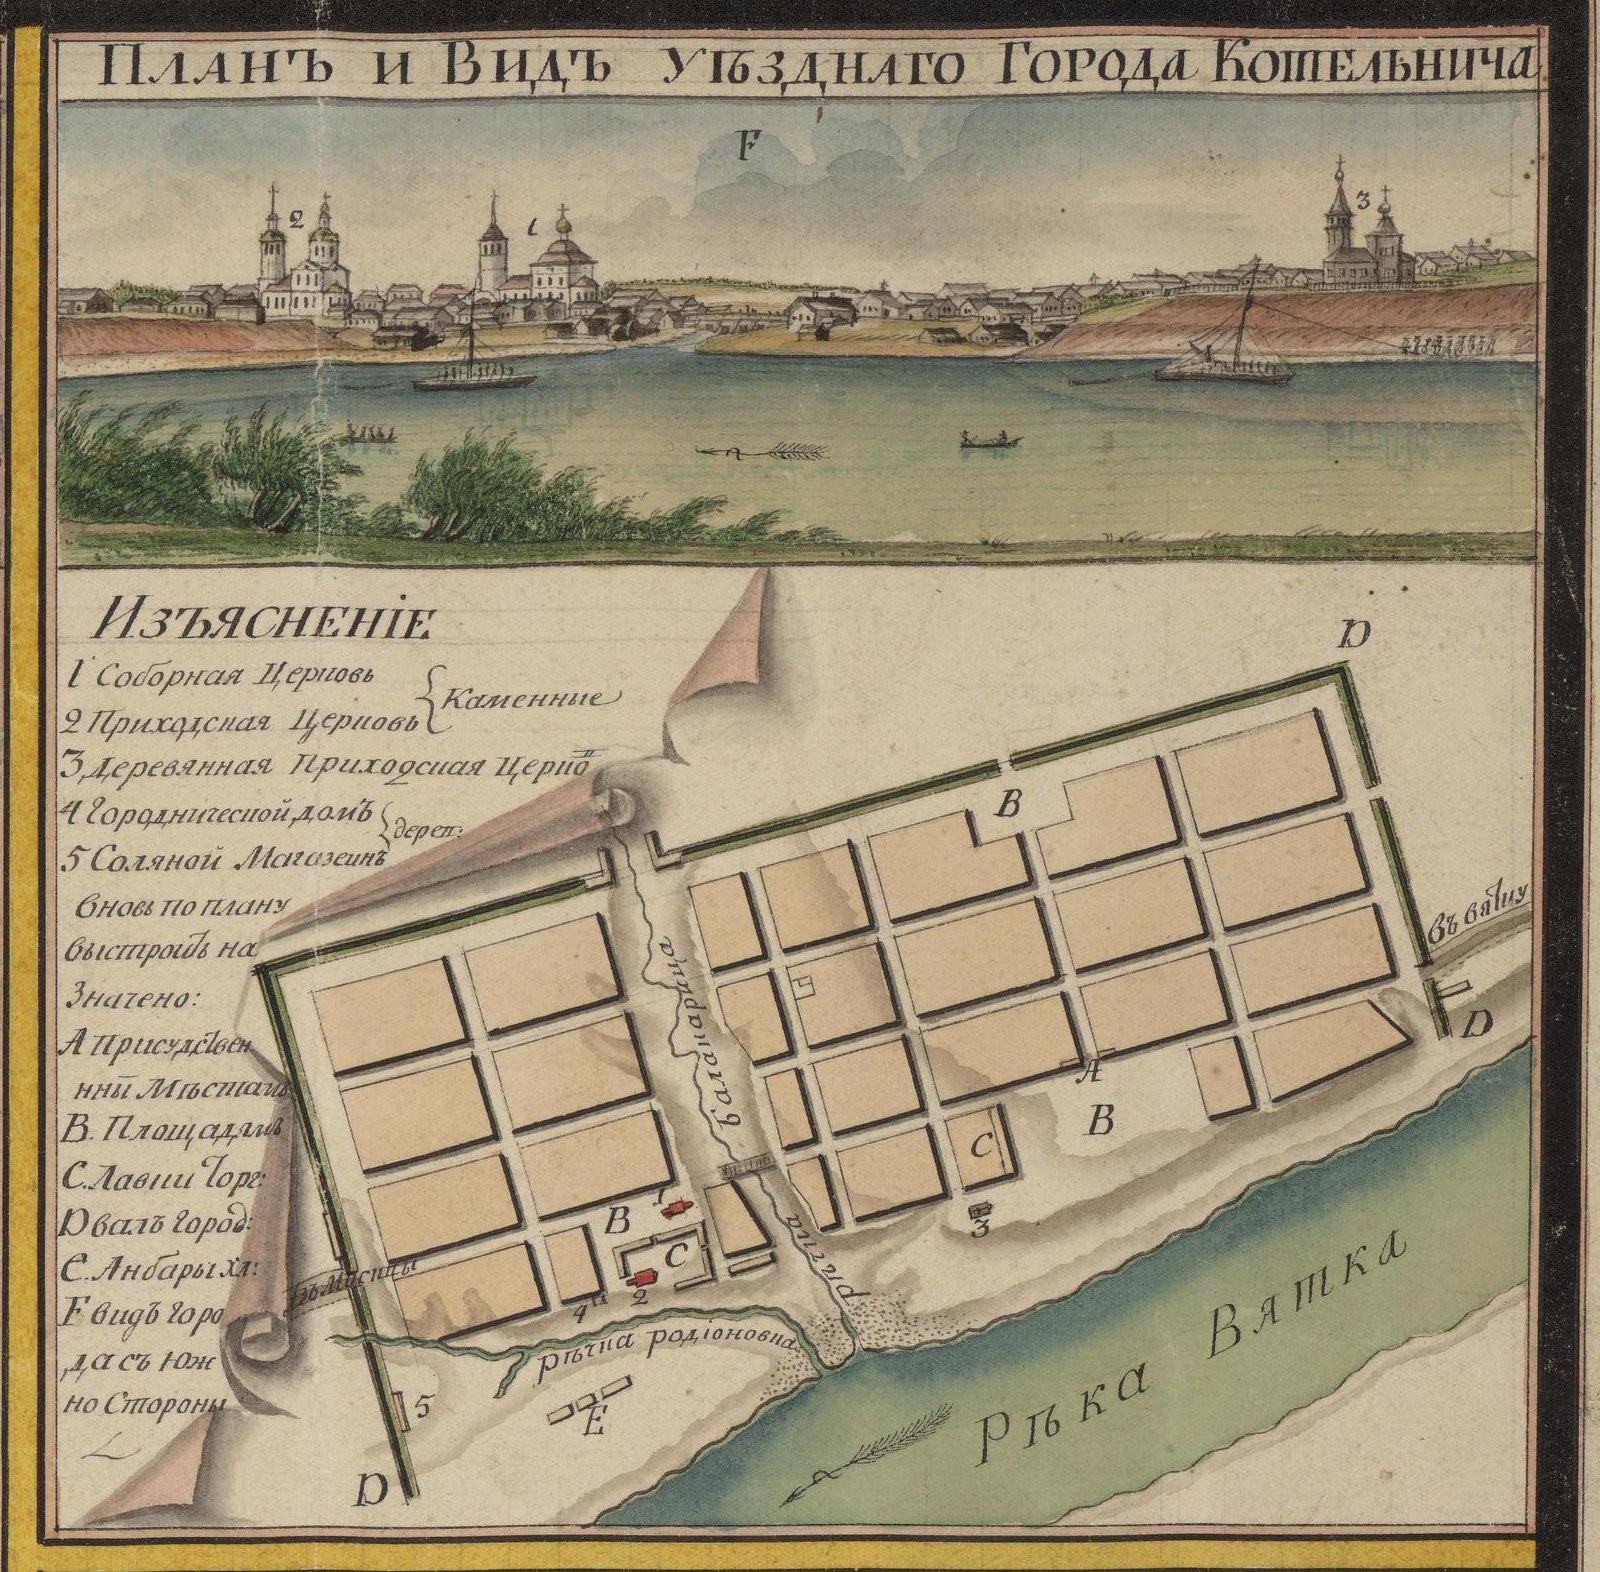 Генеральная карта Вятской губернии с планами и видами городов. 1806 - Copy